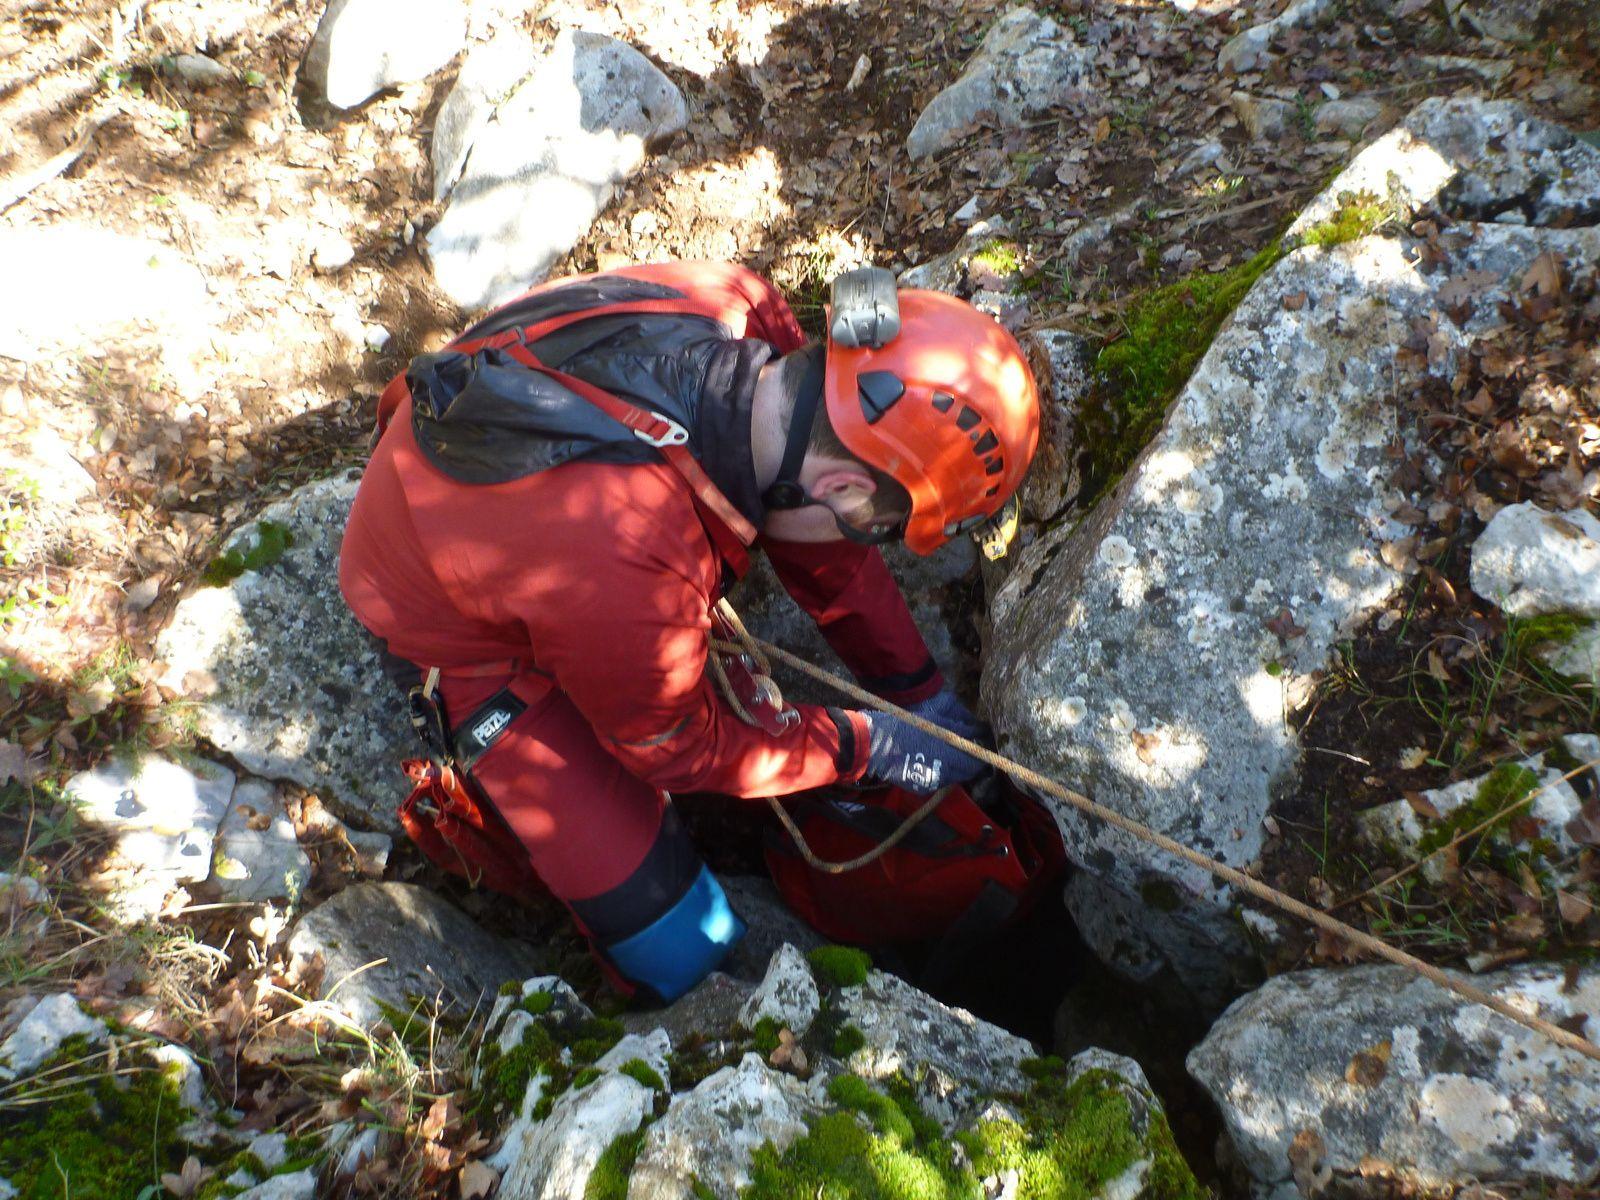 Dimanche 23 mars : Désob aux Catacombes et équipement aven du Provençal